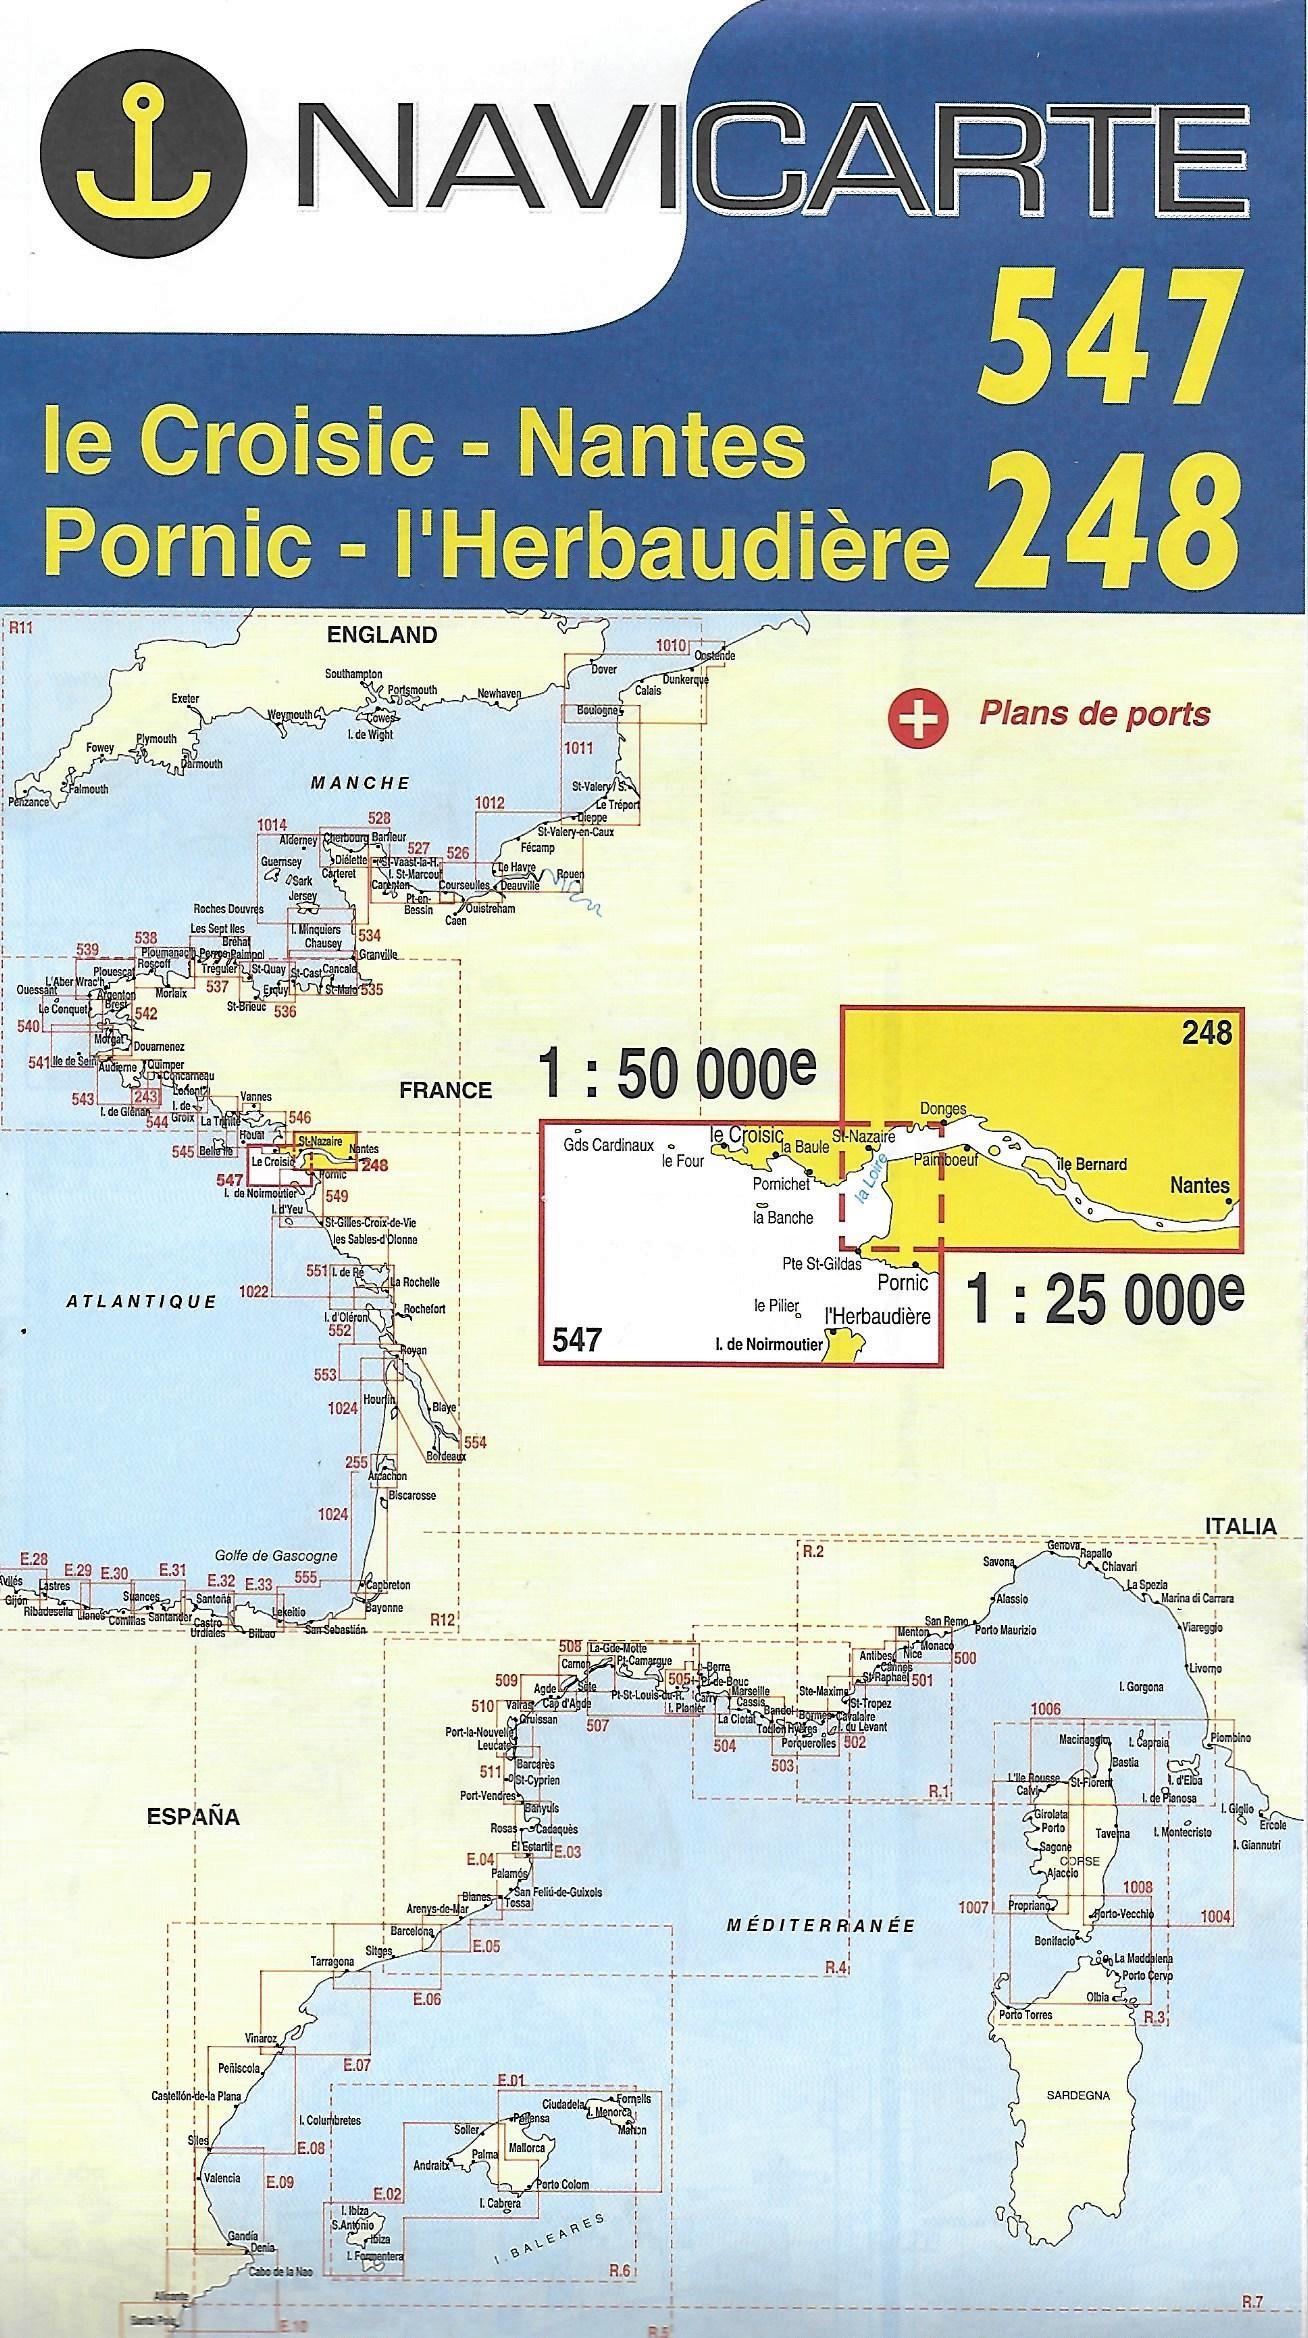 Navicarte 547-248 Le Croisic-Nnates-Pornic-L'herbaudière